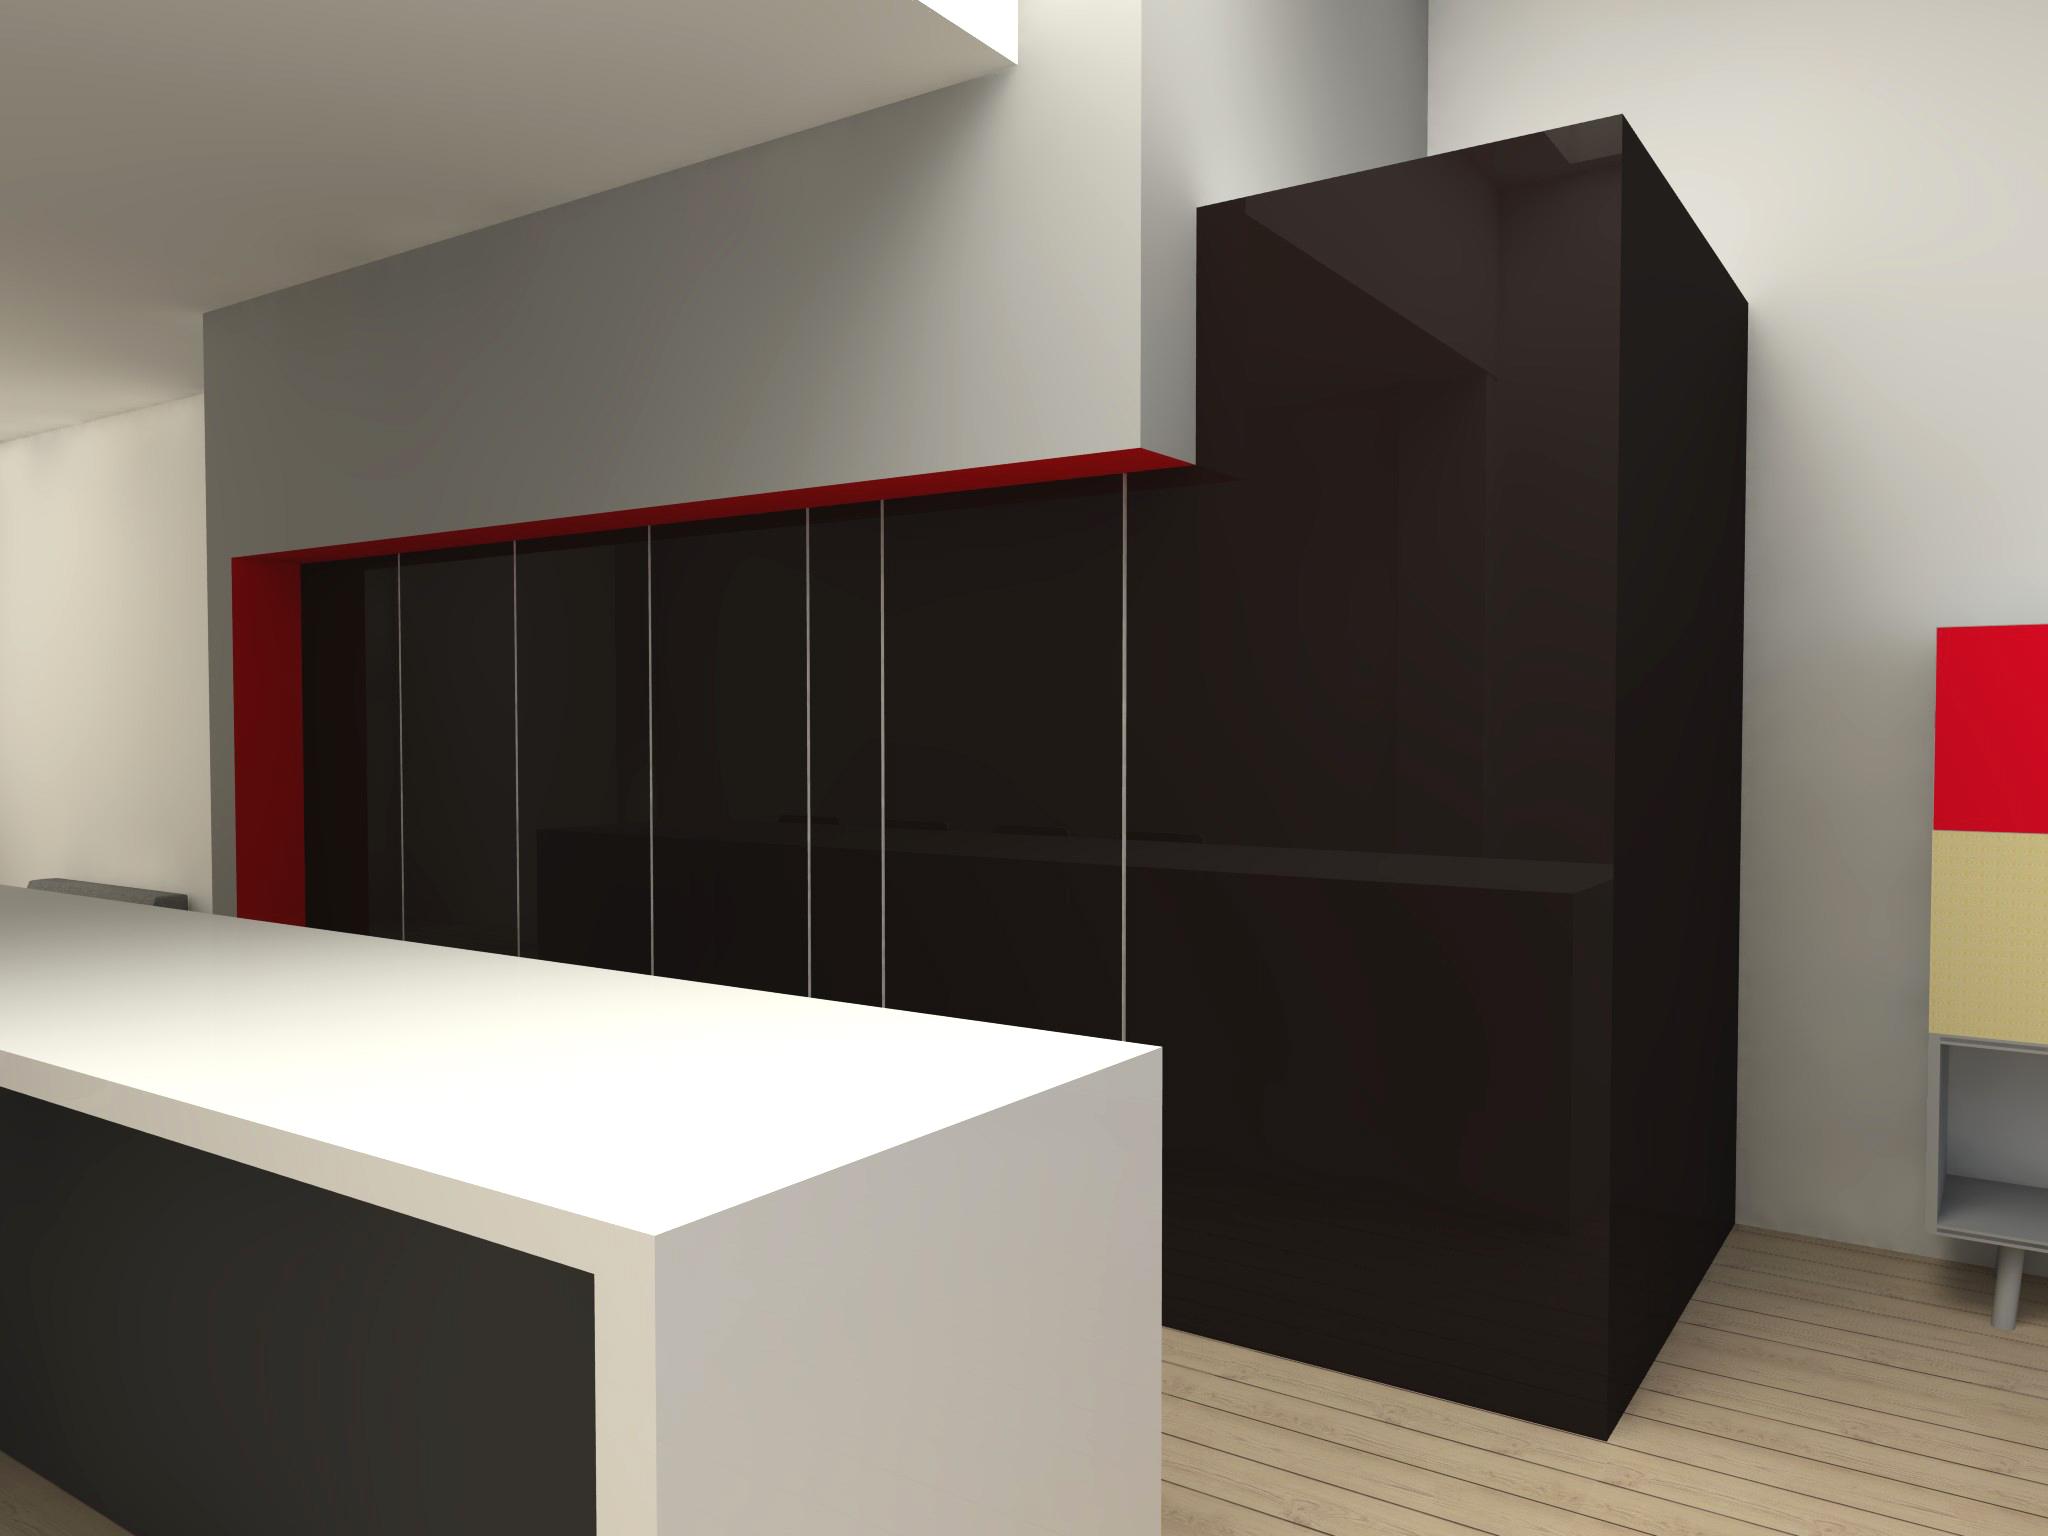 vanhollemeersch 3D 2014-11-26 23292300000